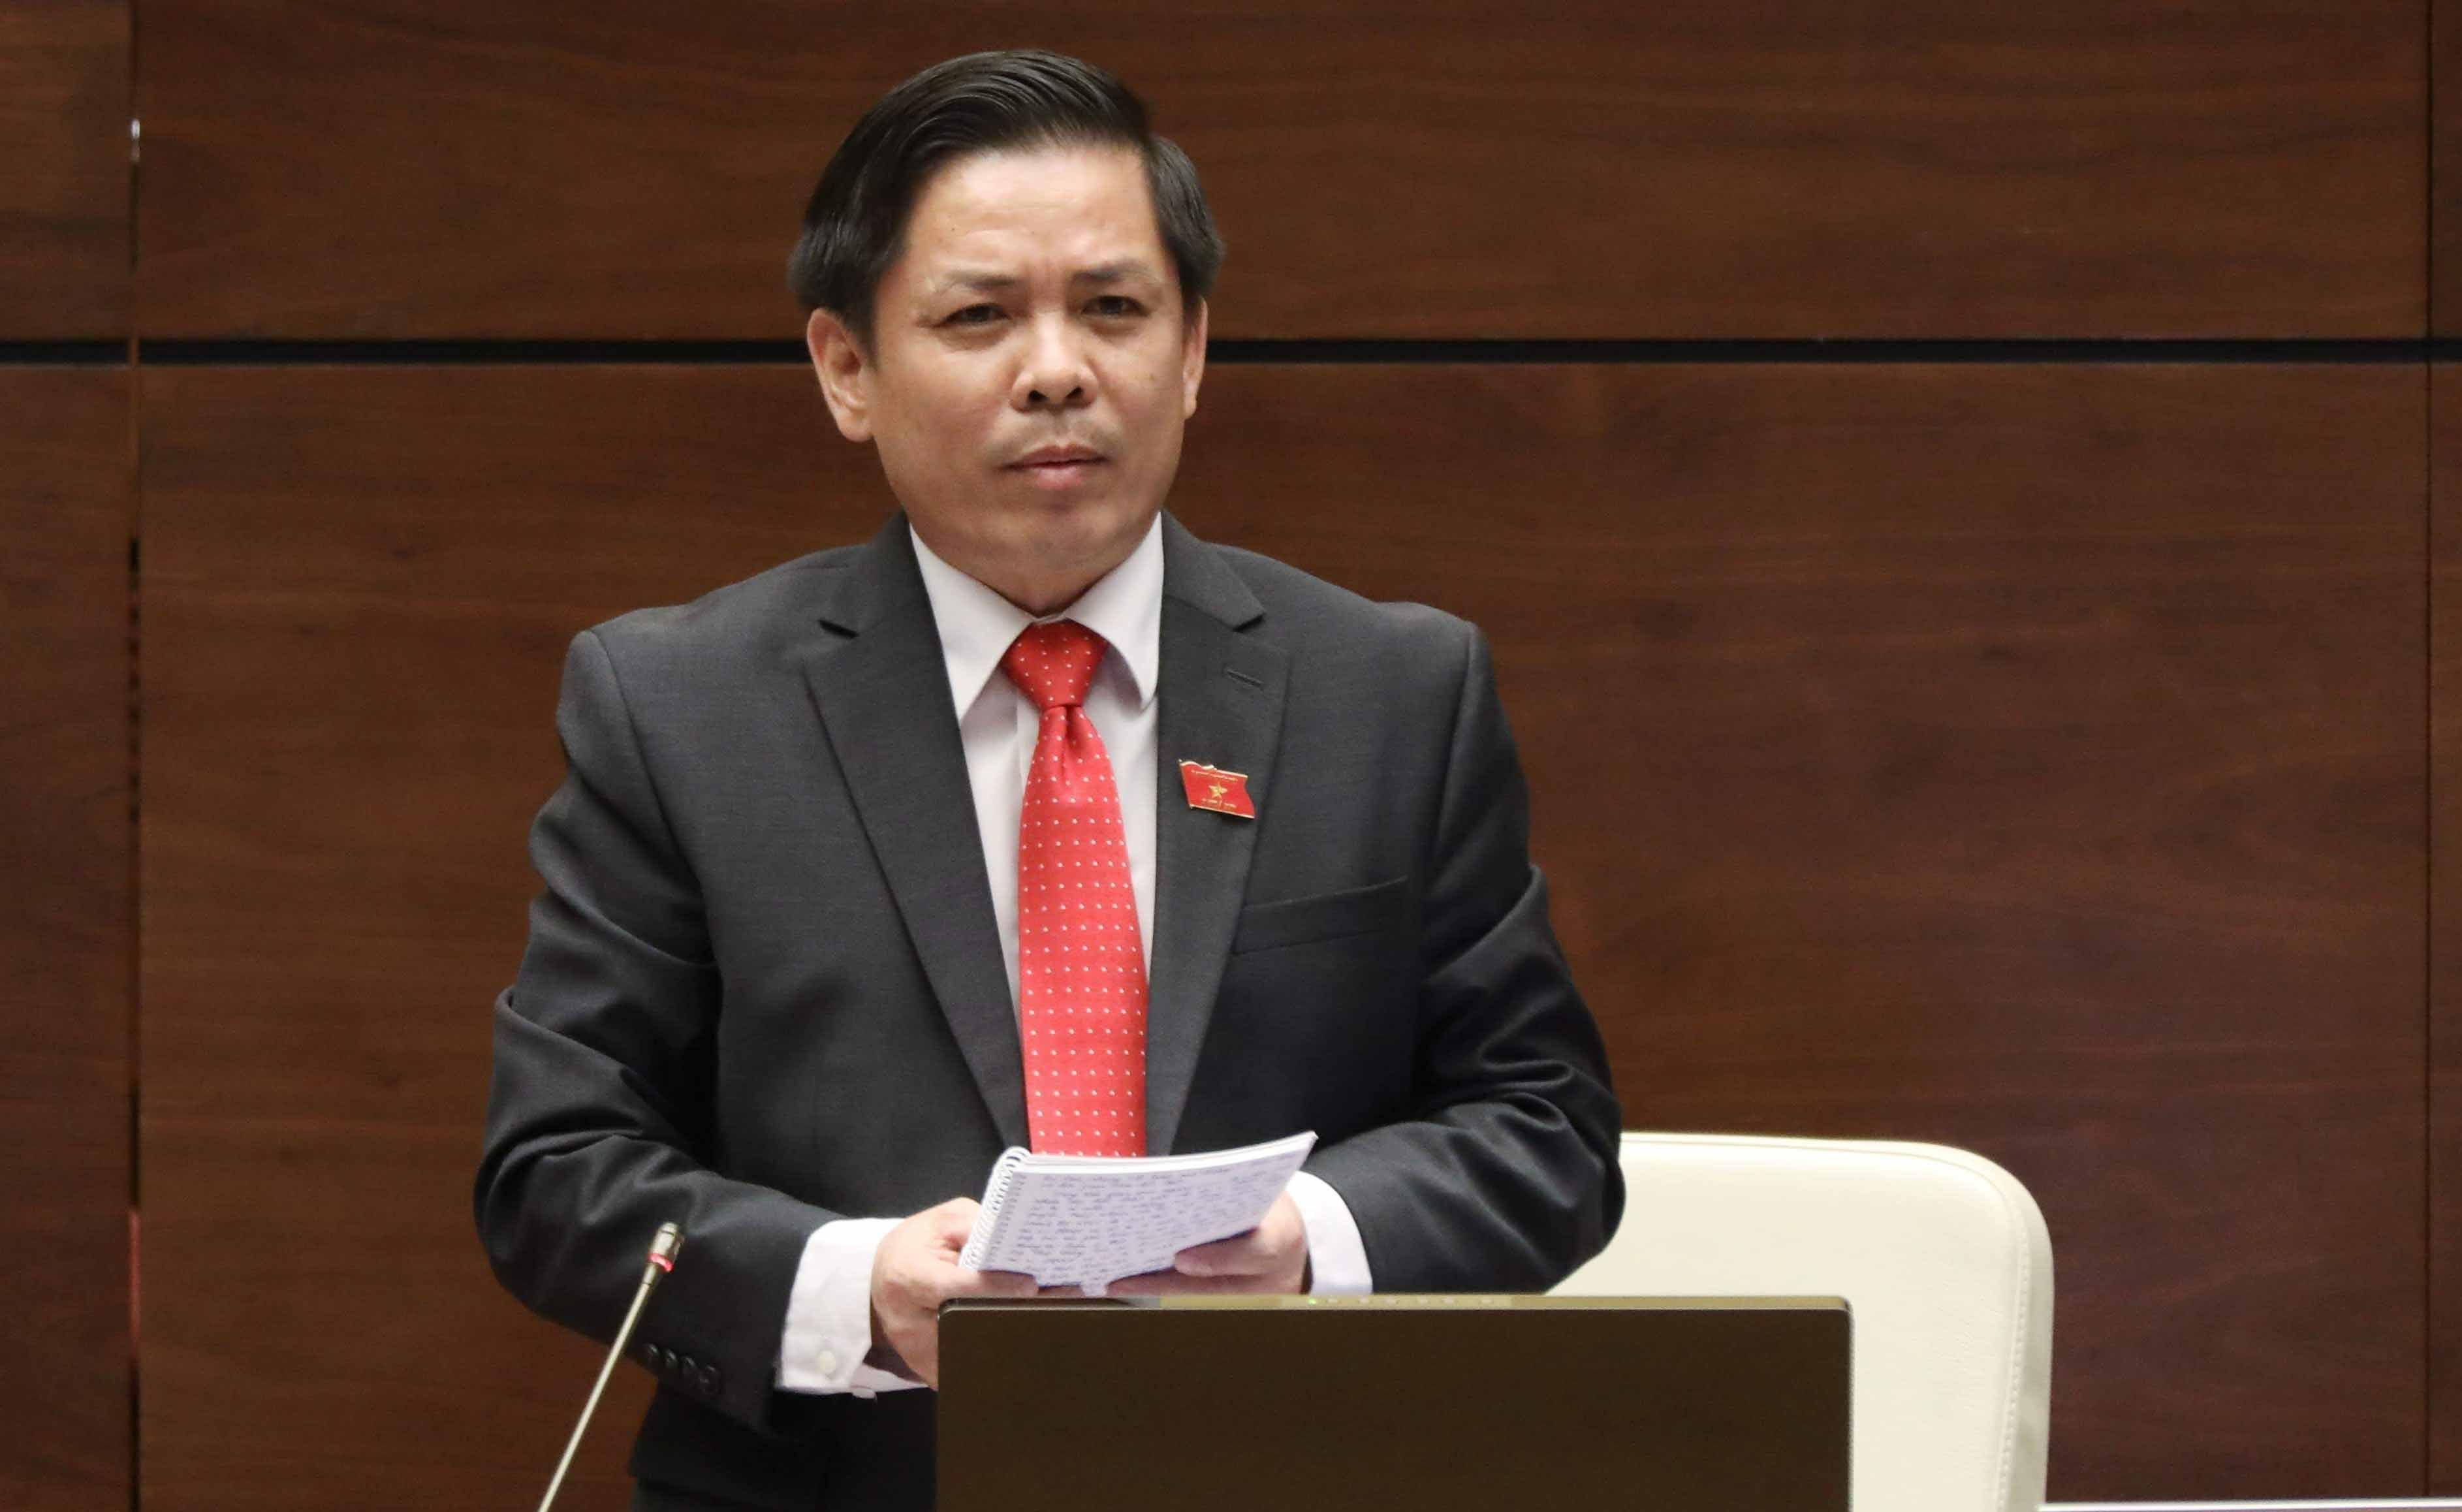 Bộ trưởng Nguyễn Văn Thể liên tục nhận trách nhiệm vì chất vấn dồn dập